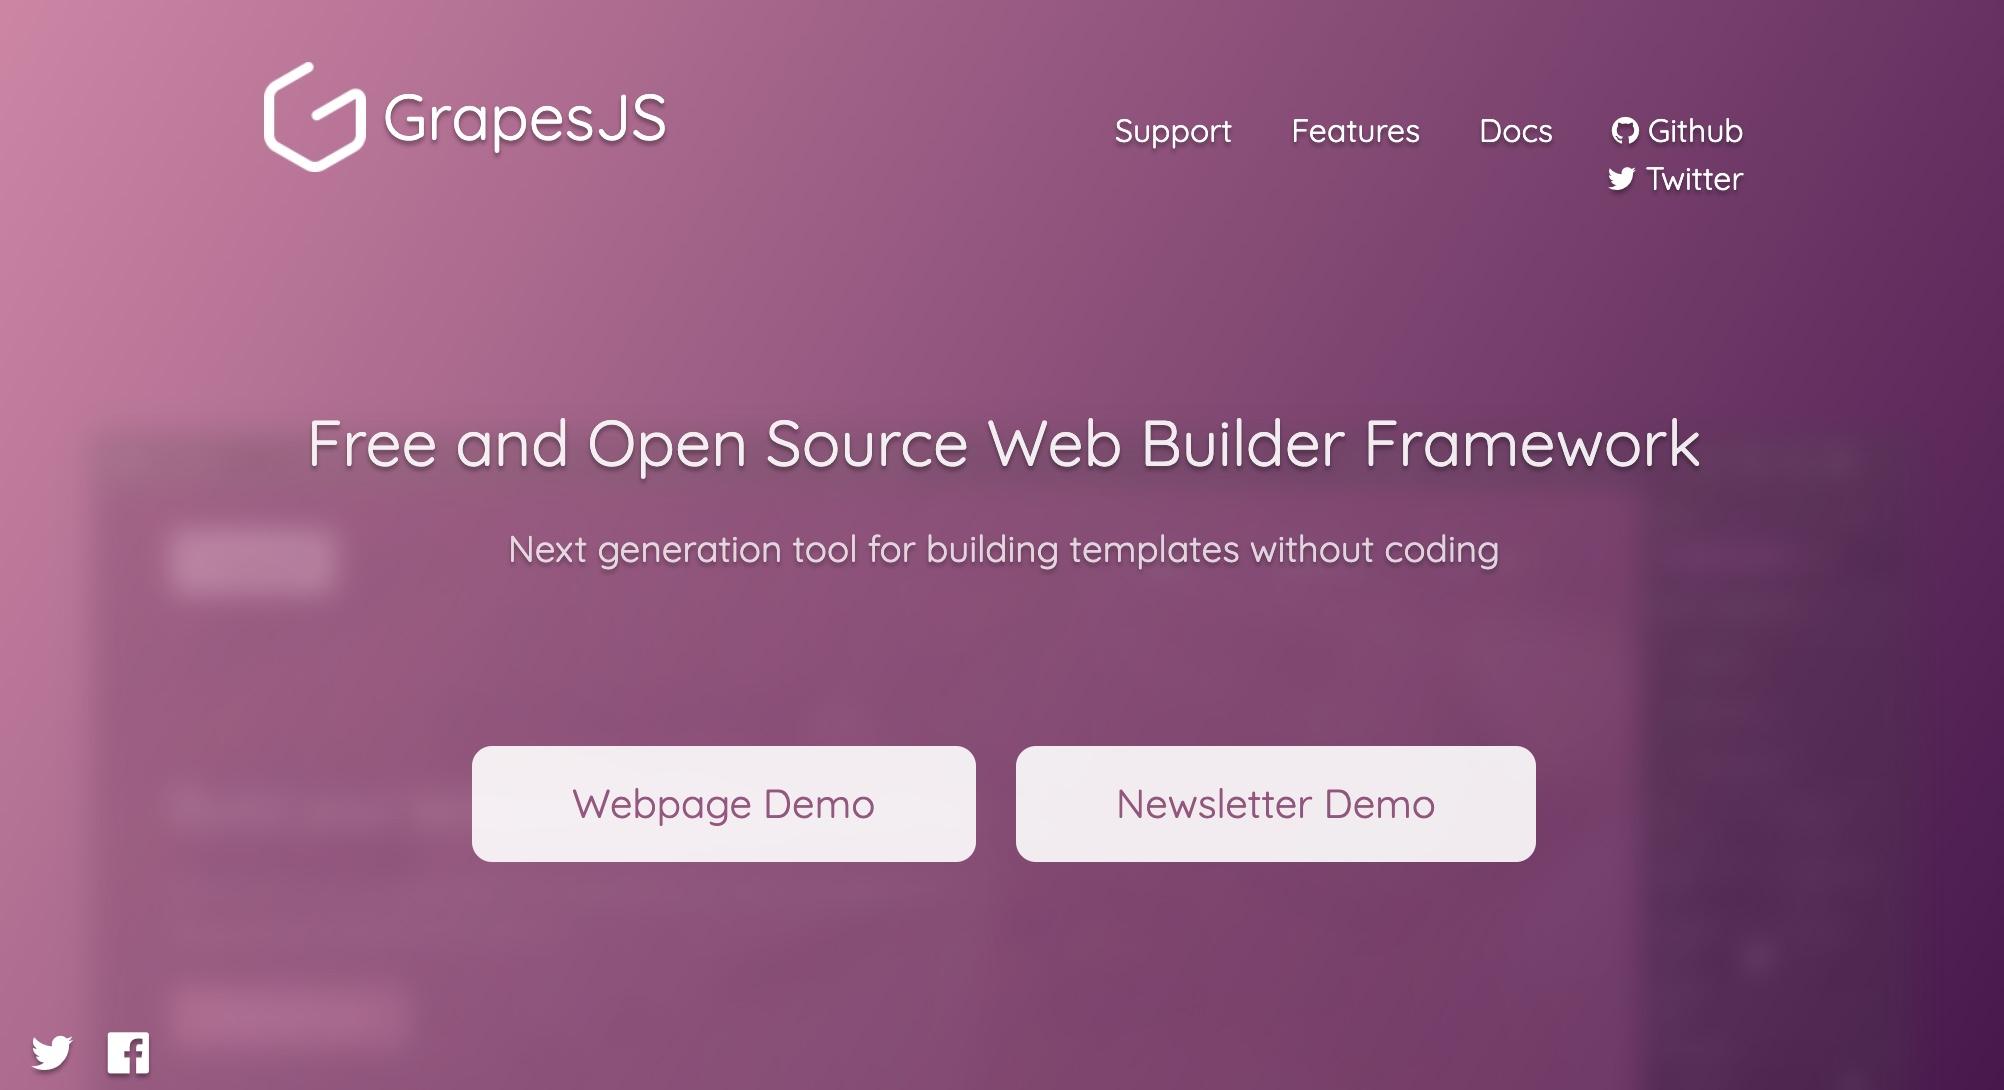 Cara install dan integrasi GrapesJS dengan Vue 2